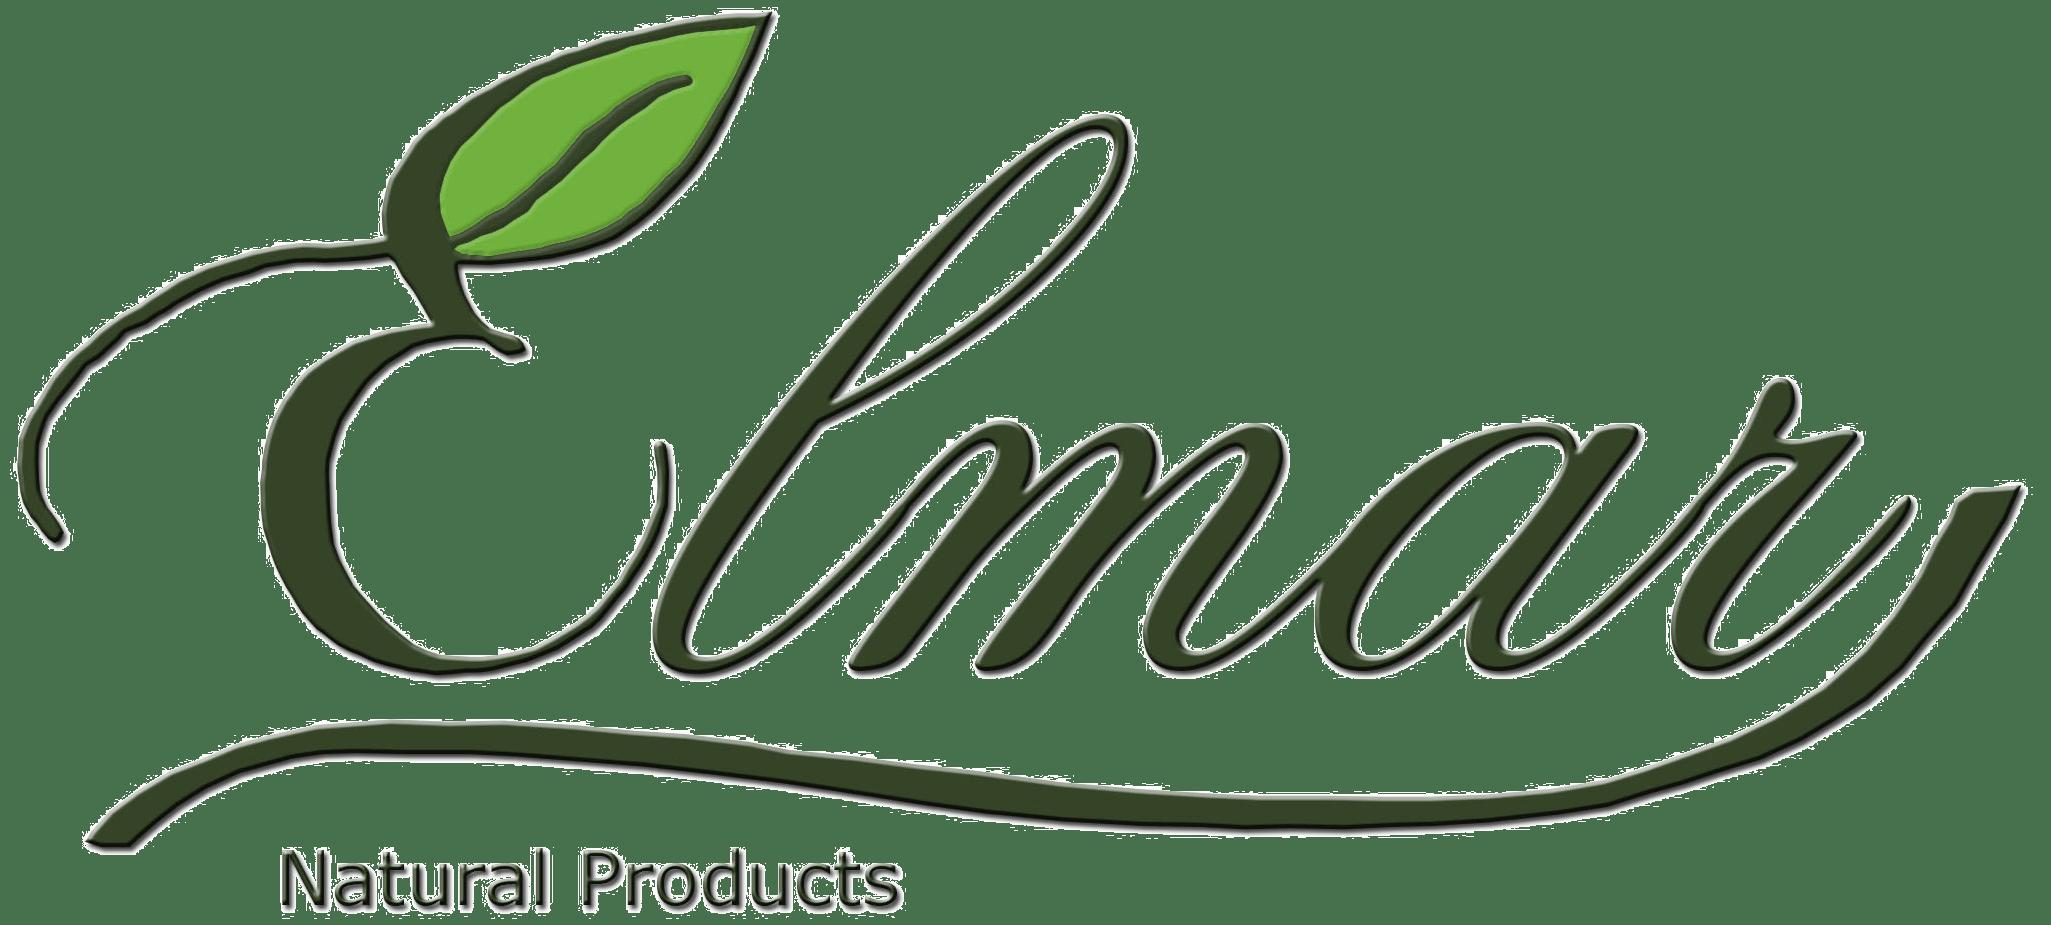 ElmarSpices Company